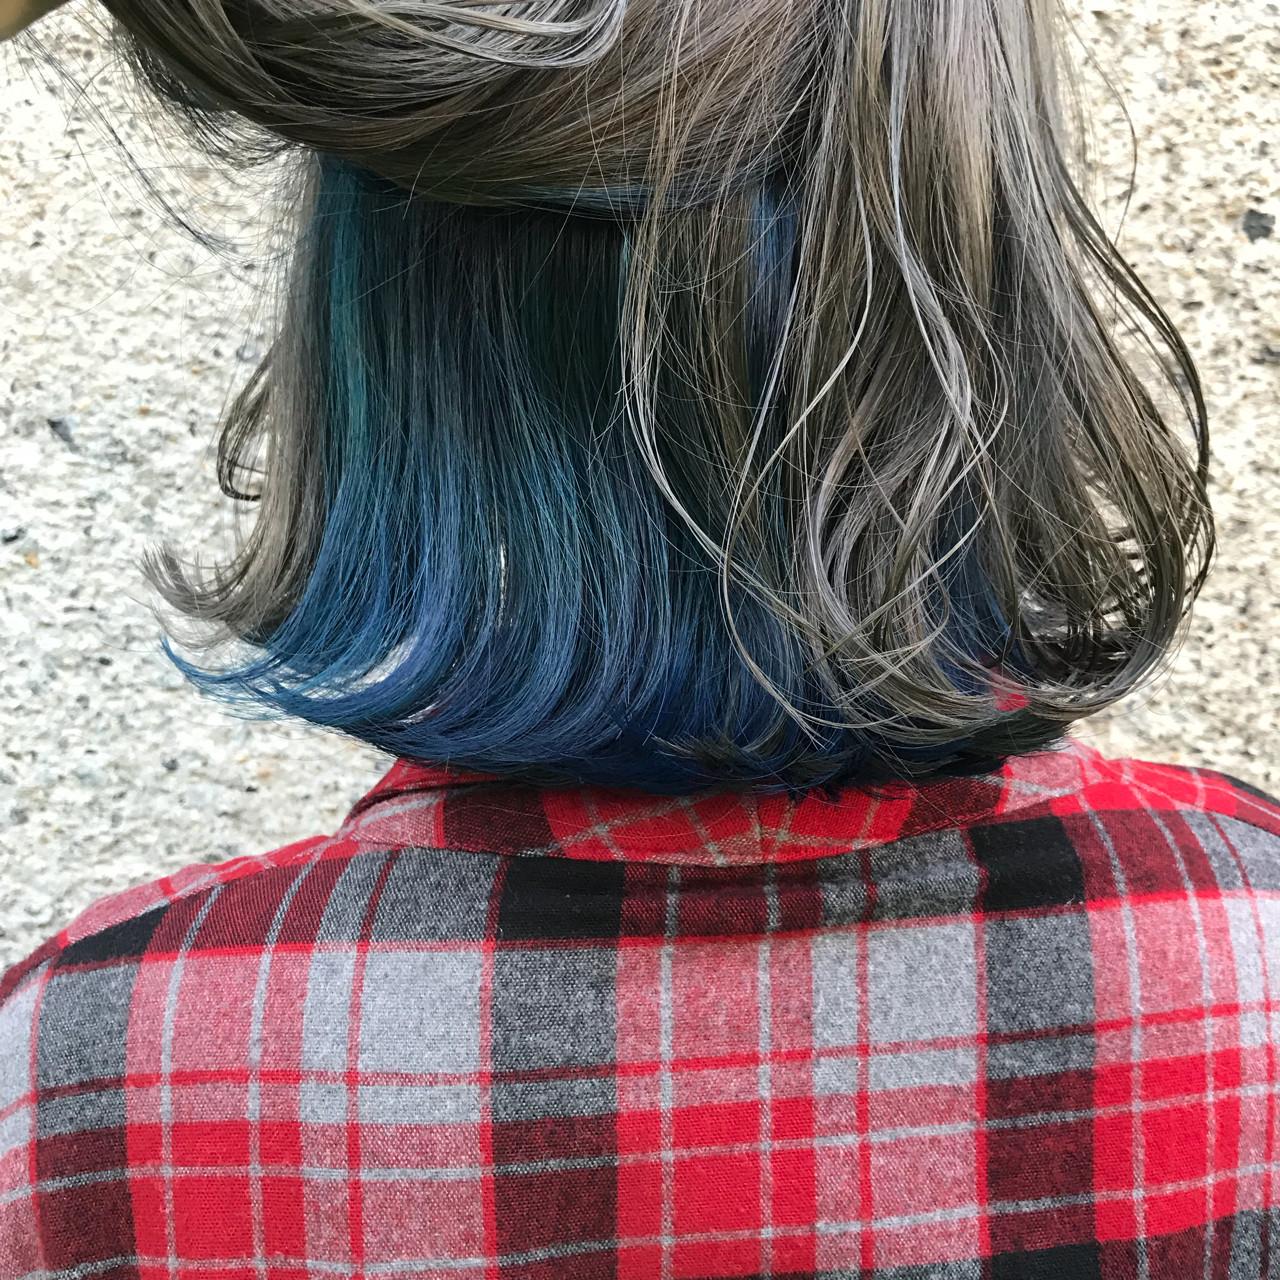 ロブ インナーカラー ミディアム グレージュ ヘアスタイルや髪型の写真・画像